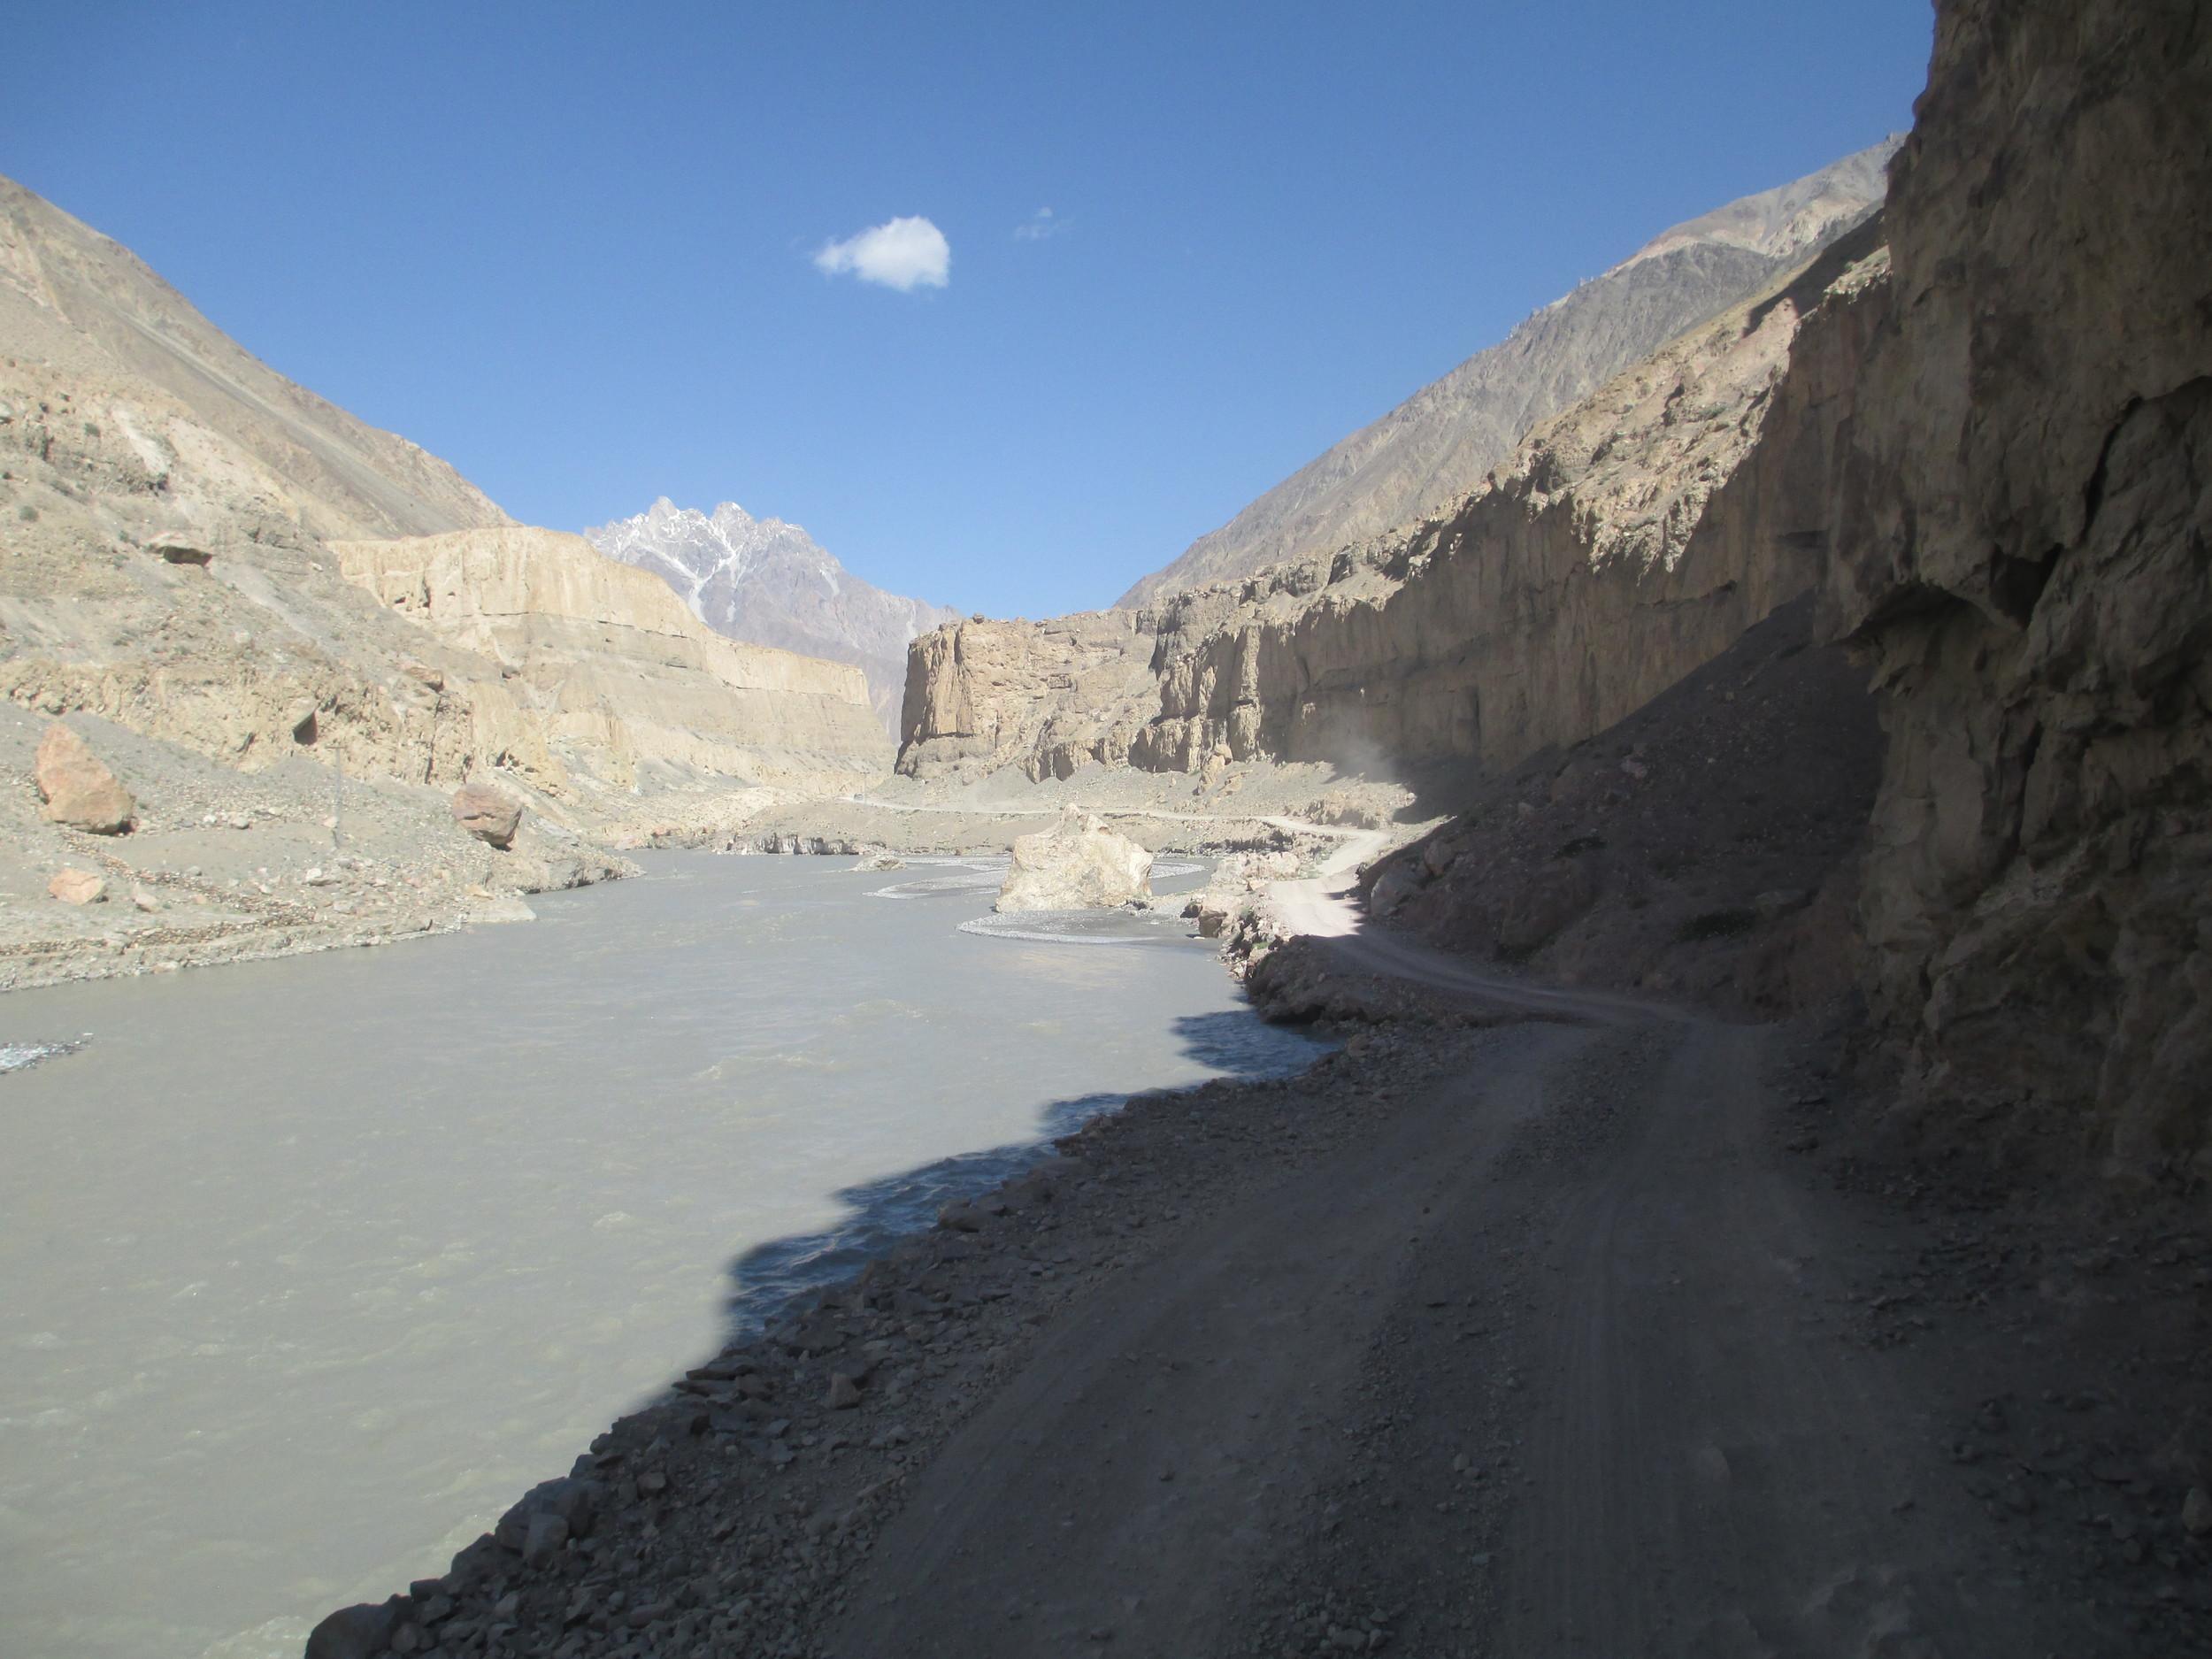 Road alongside the Chapursan river